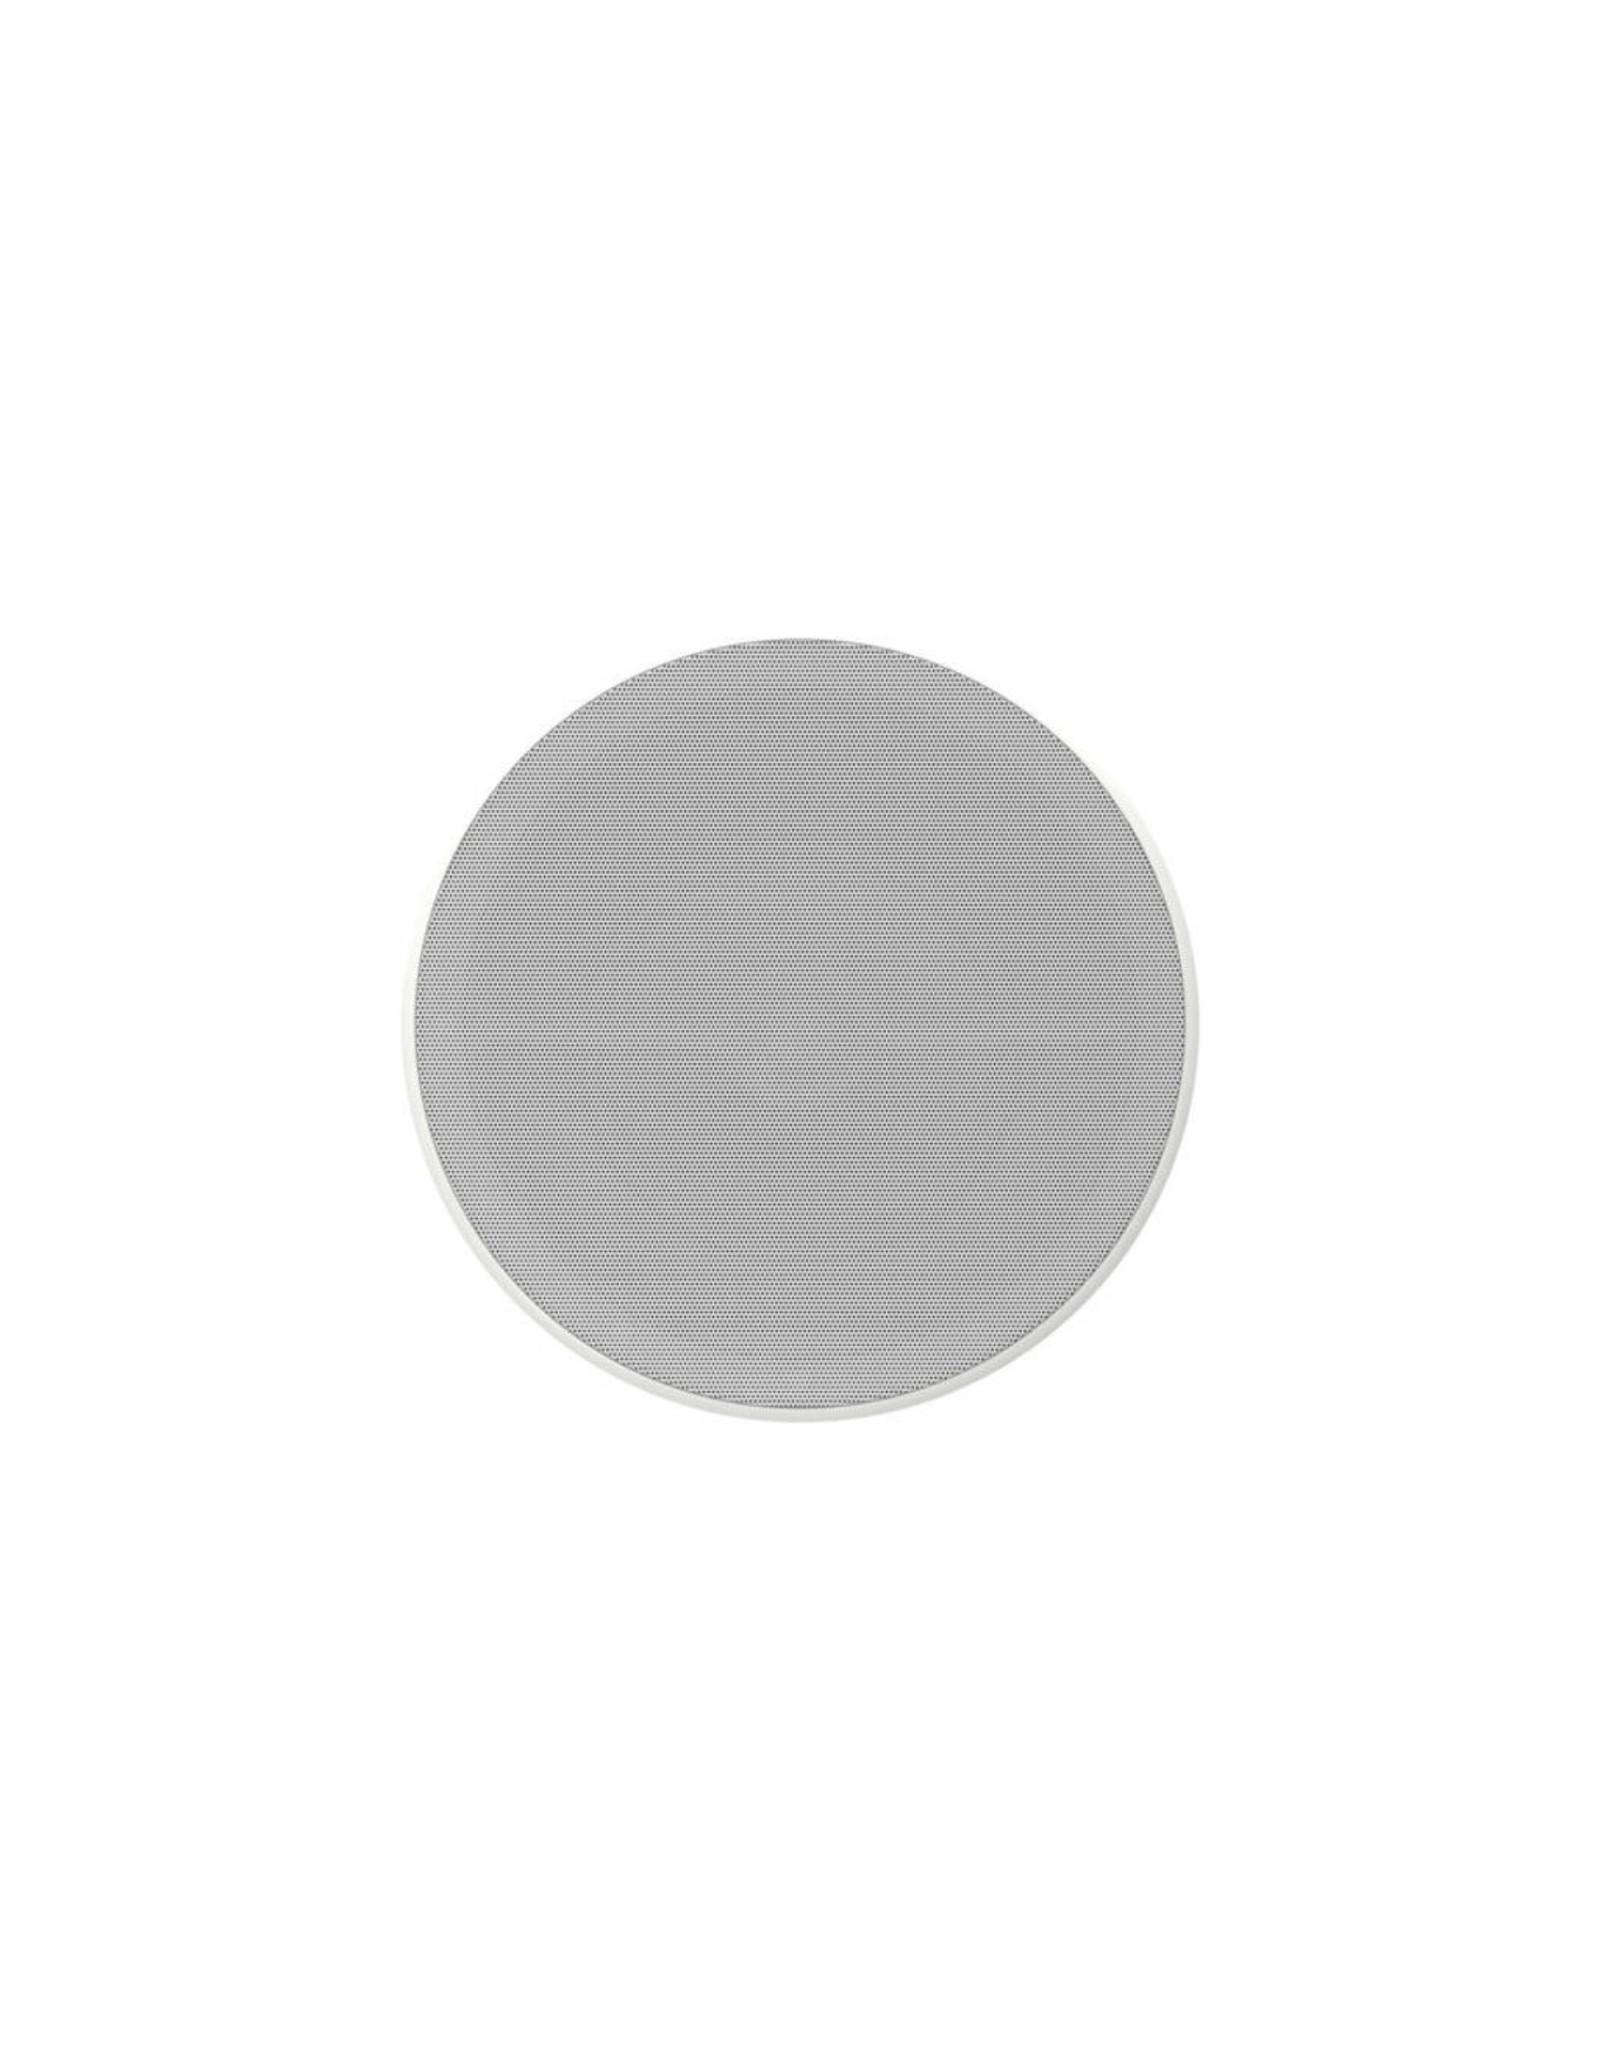 BOWERS & WILKINS B&W CCM7.5 S2 In Ceiling Speaker (single) WHITE